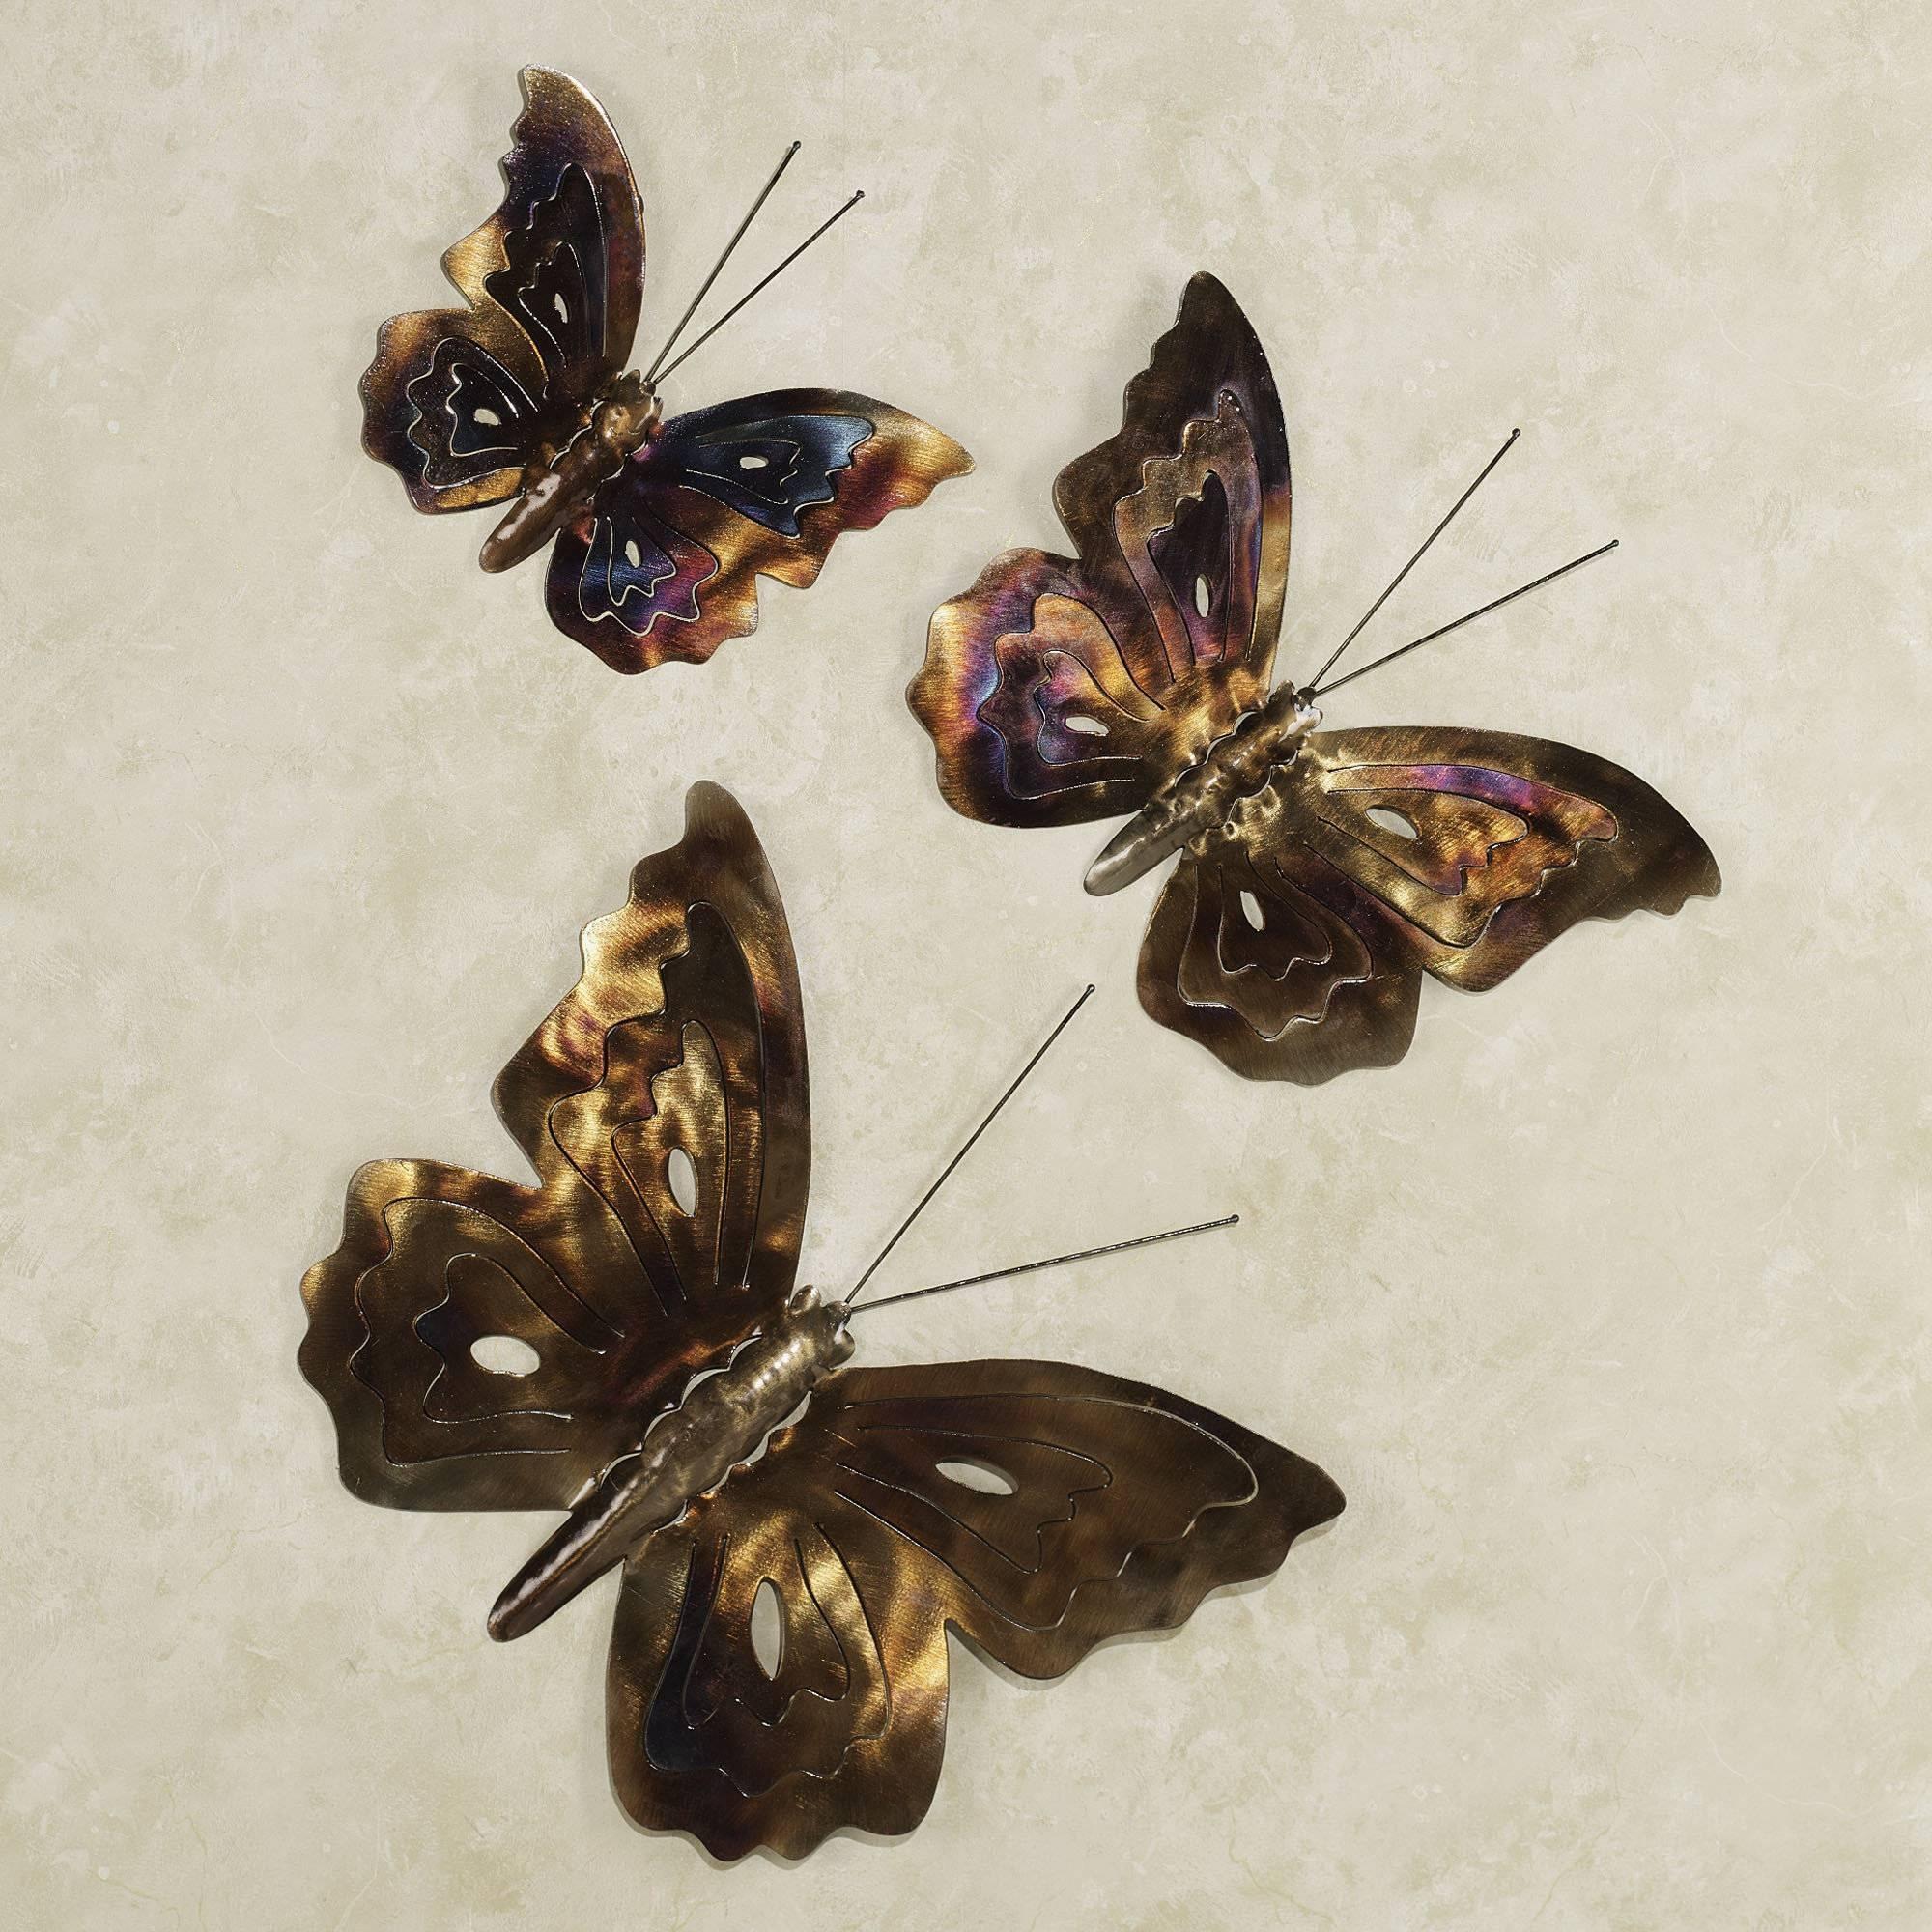 Wall Art Designs: Metal Butterfly Wall Art Metal Butterfly Wall Within Most Current Butterflies Metal Wall Art (View 5 of 20)